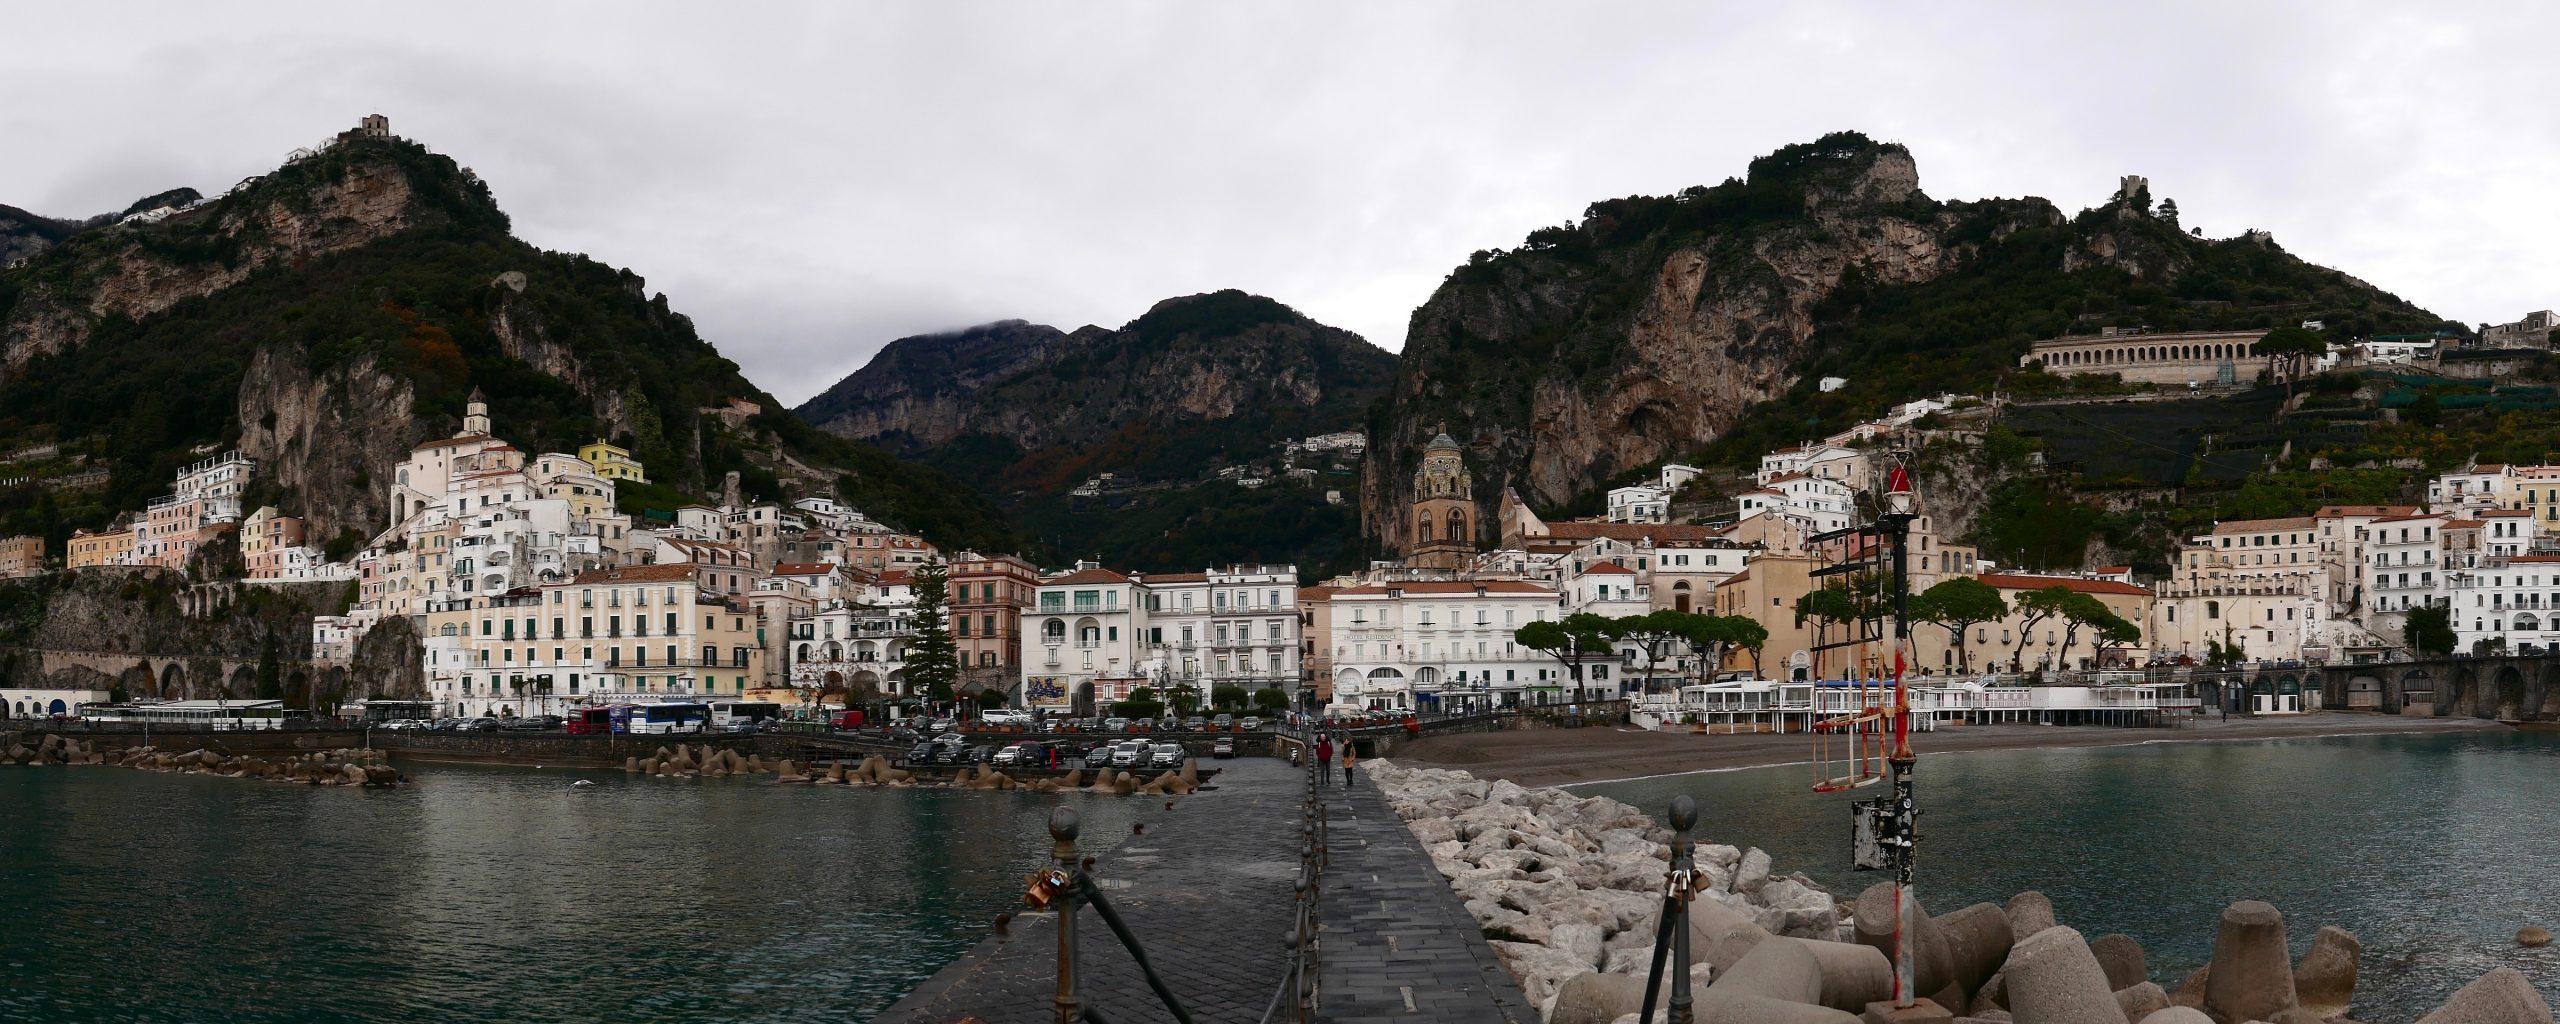 南義景點|冬天的阿瑪菲Amalfi好冷清|蘇連多到阿瑪菲交通全記錄